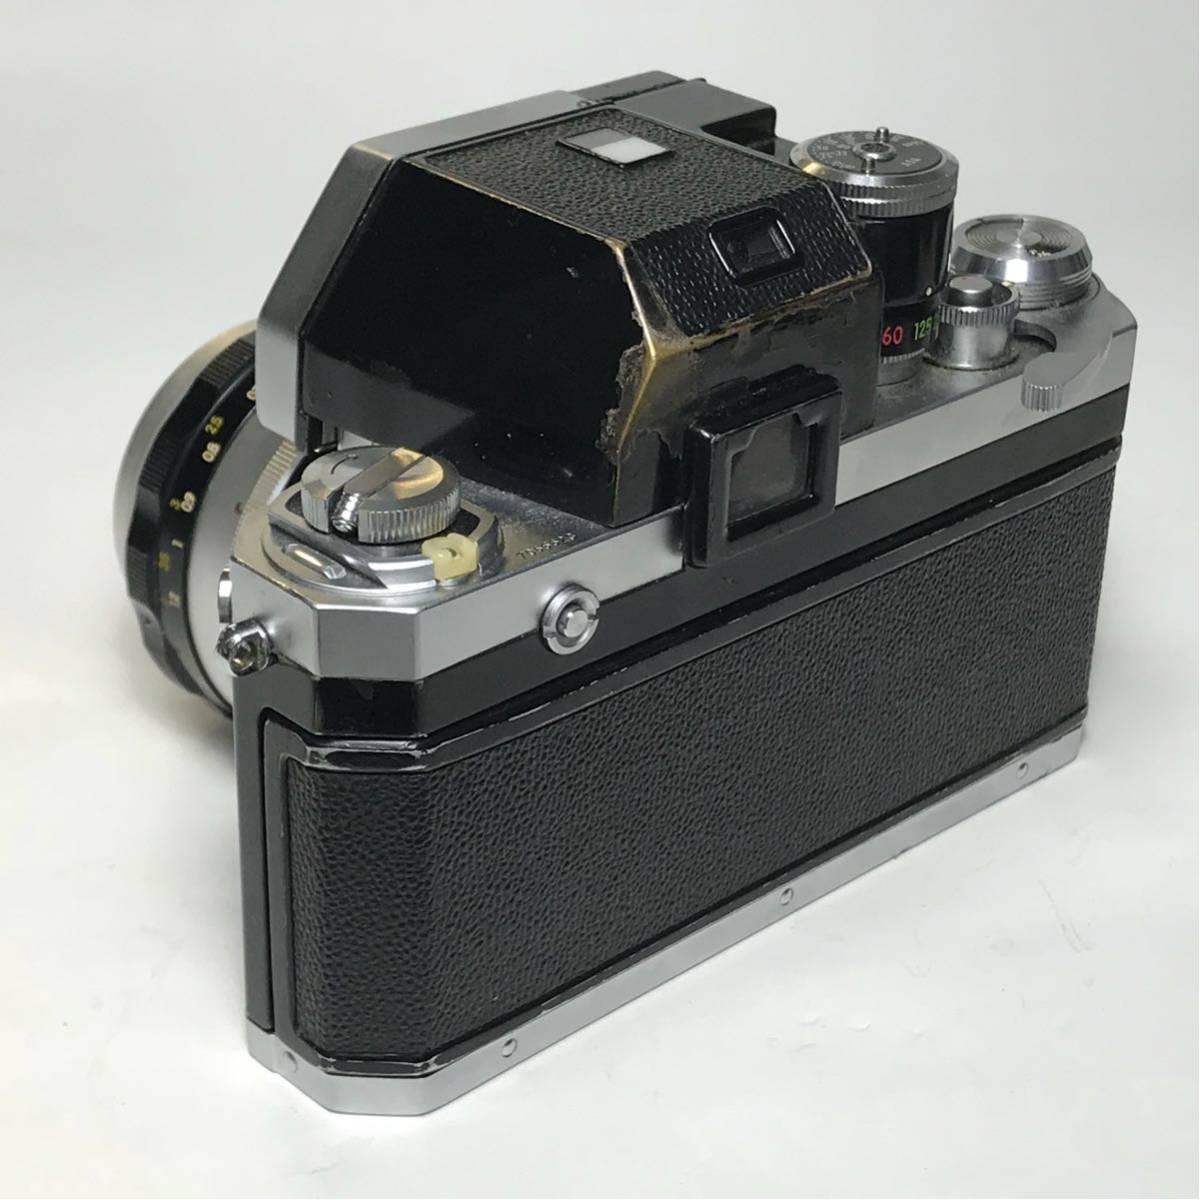 Nikon F Photomic FTN /ニコン F 外部測光式フォトミックファインダー SLR FILM CAMERA with/Nikkor 1.4 50㎜【c/n7065523】_画像3